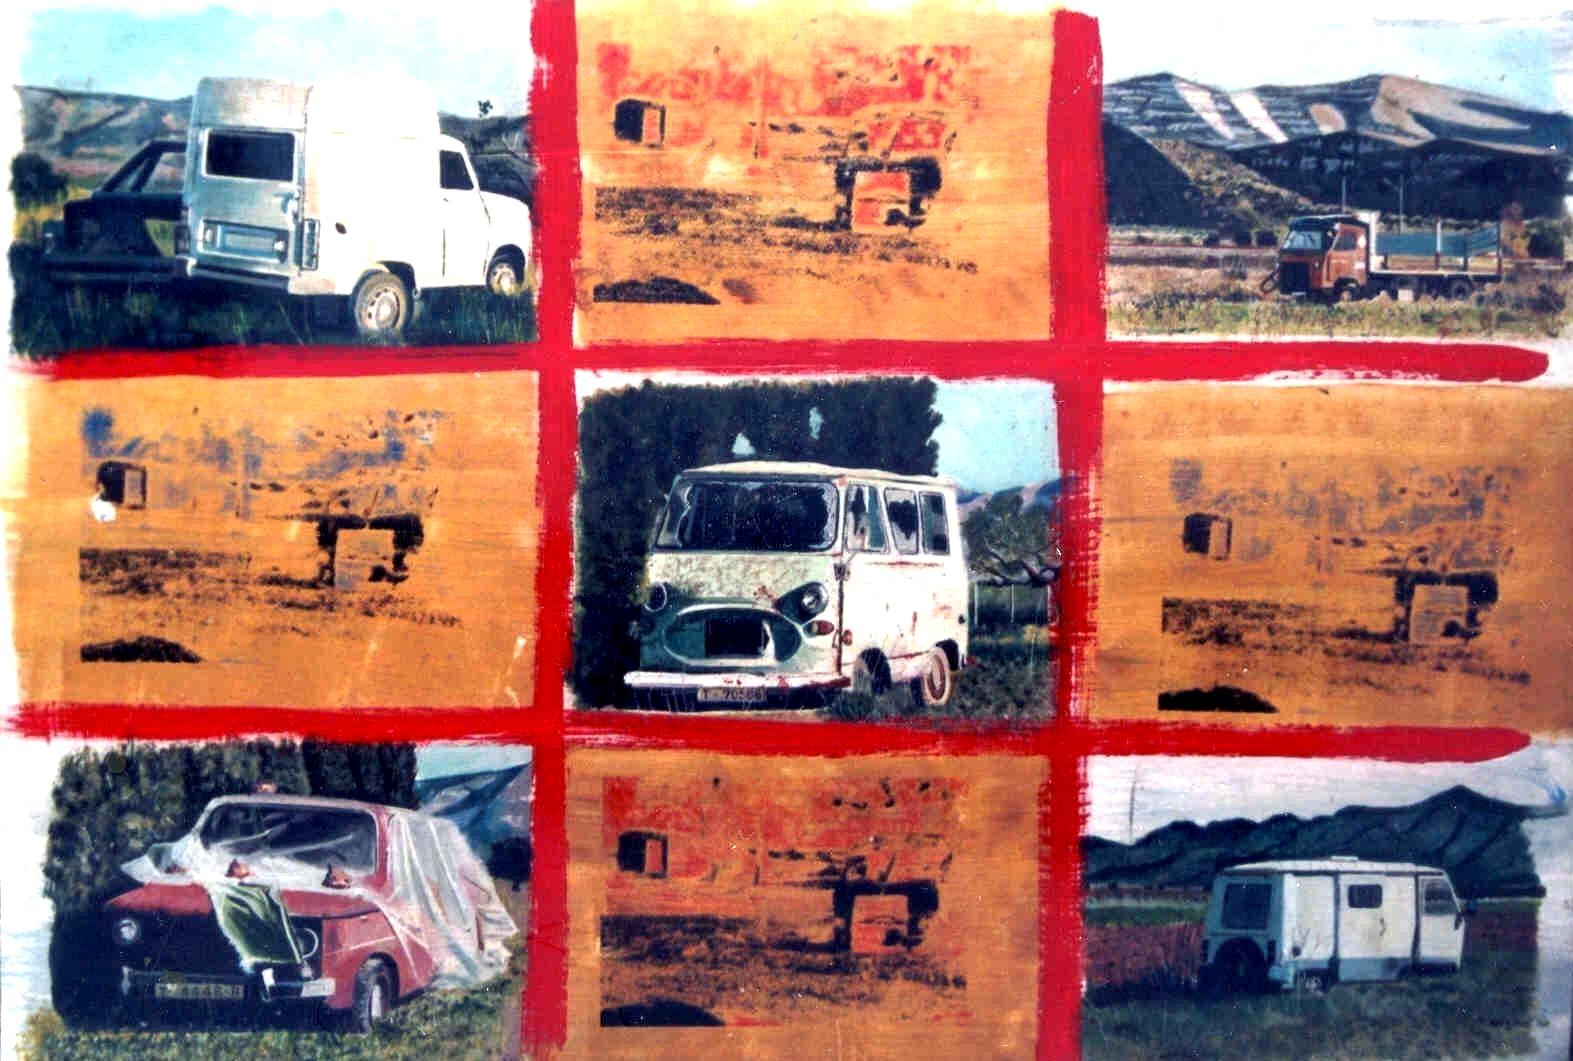 Cotxes i paisatge (2005) - Sergi Ramírez